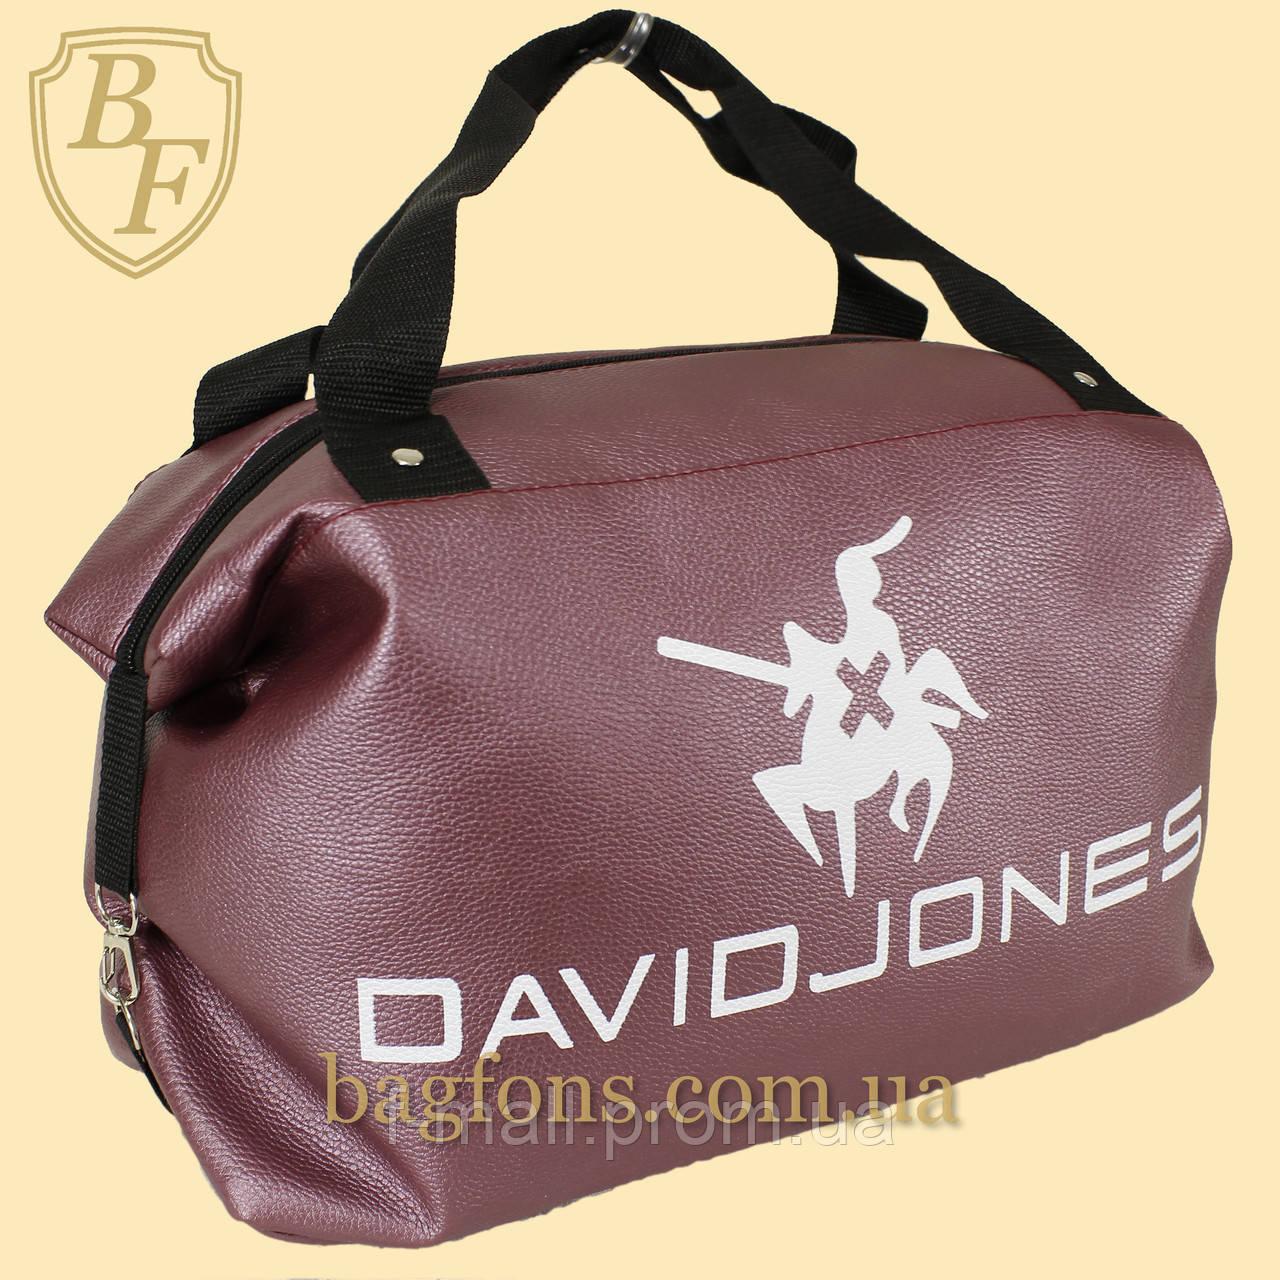 Сумка женская спортивная дорожная  David Jones  24л из искусственной кожи (DS011)